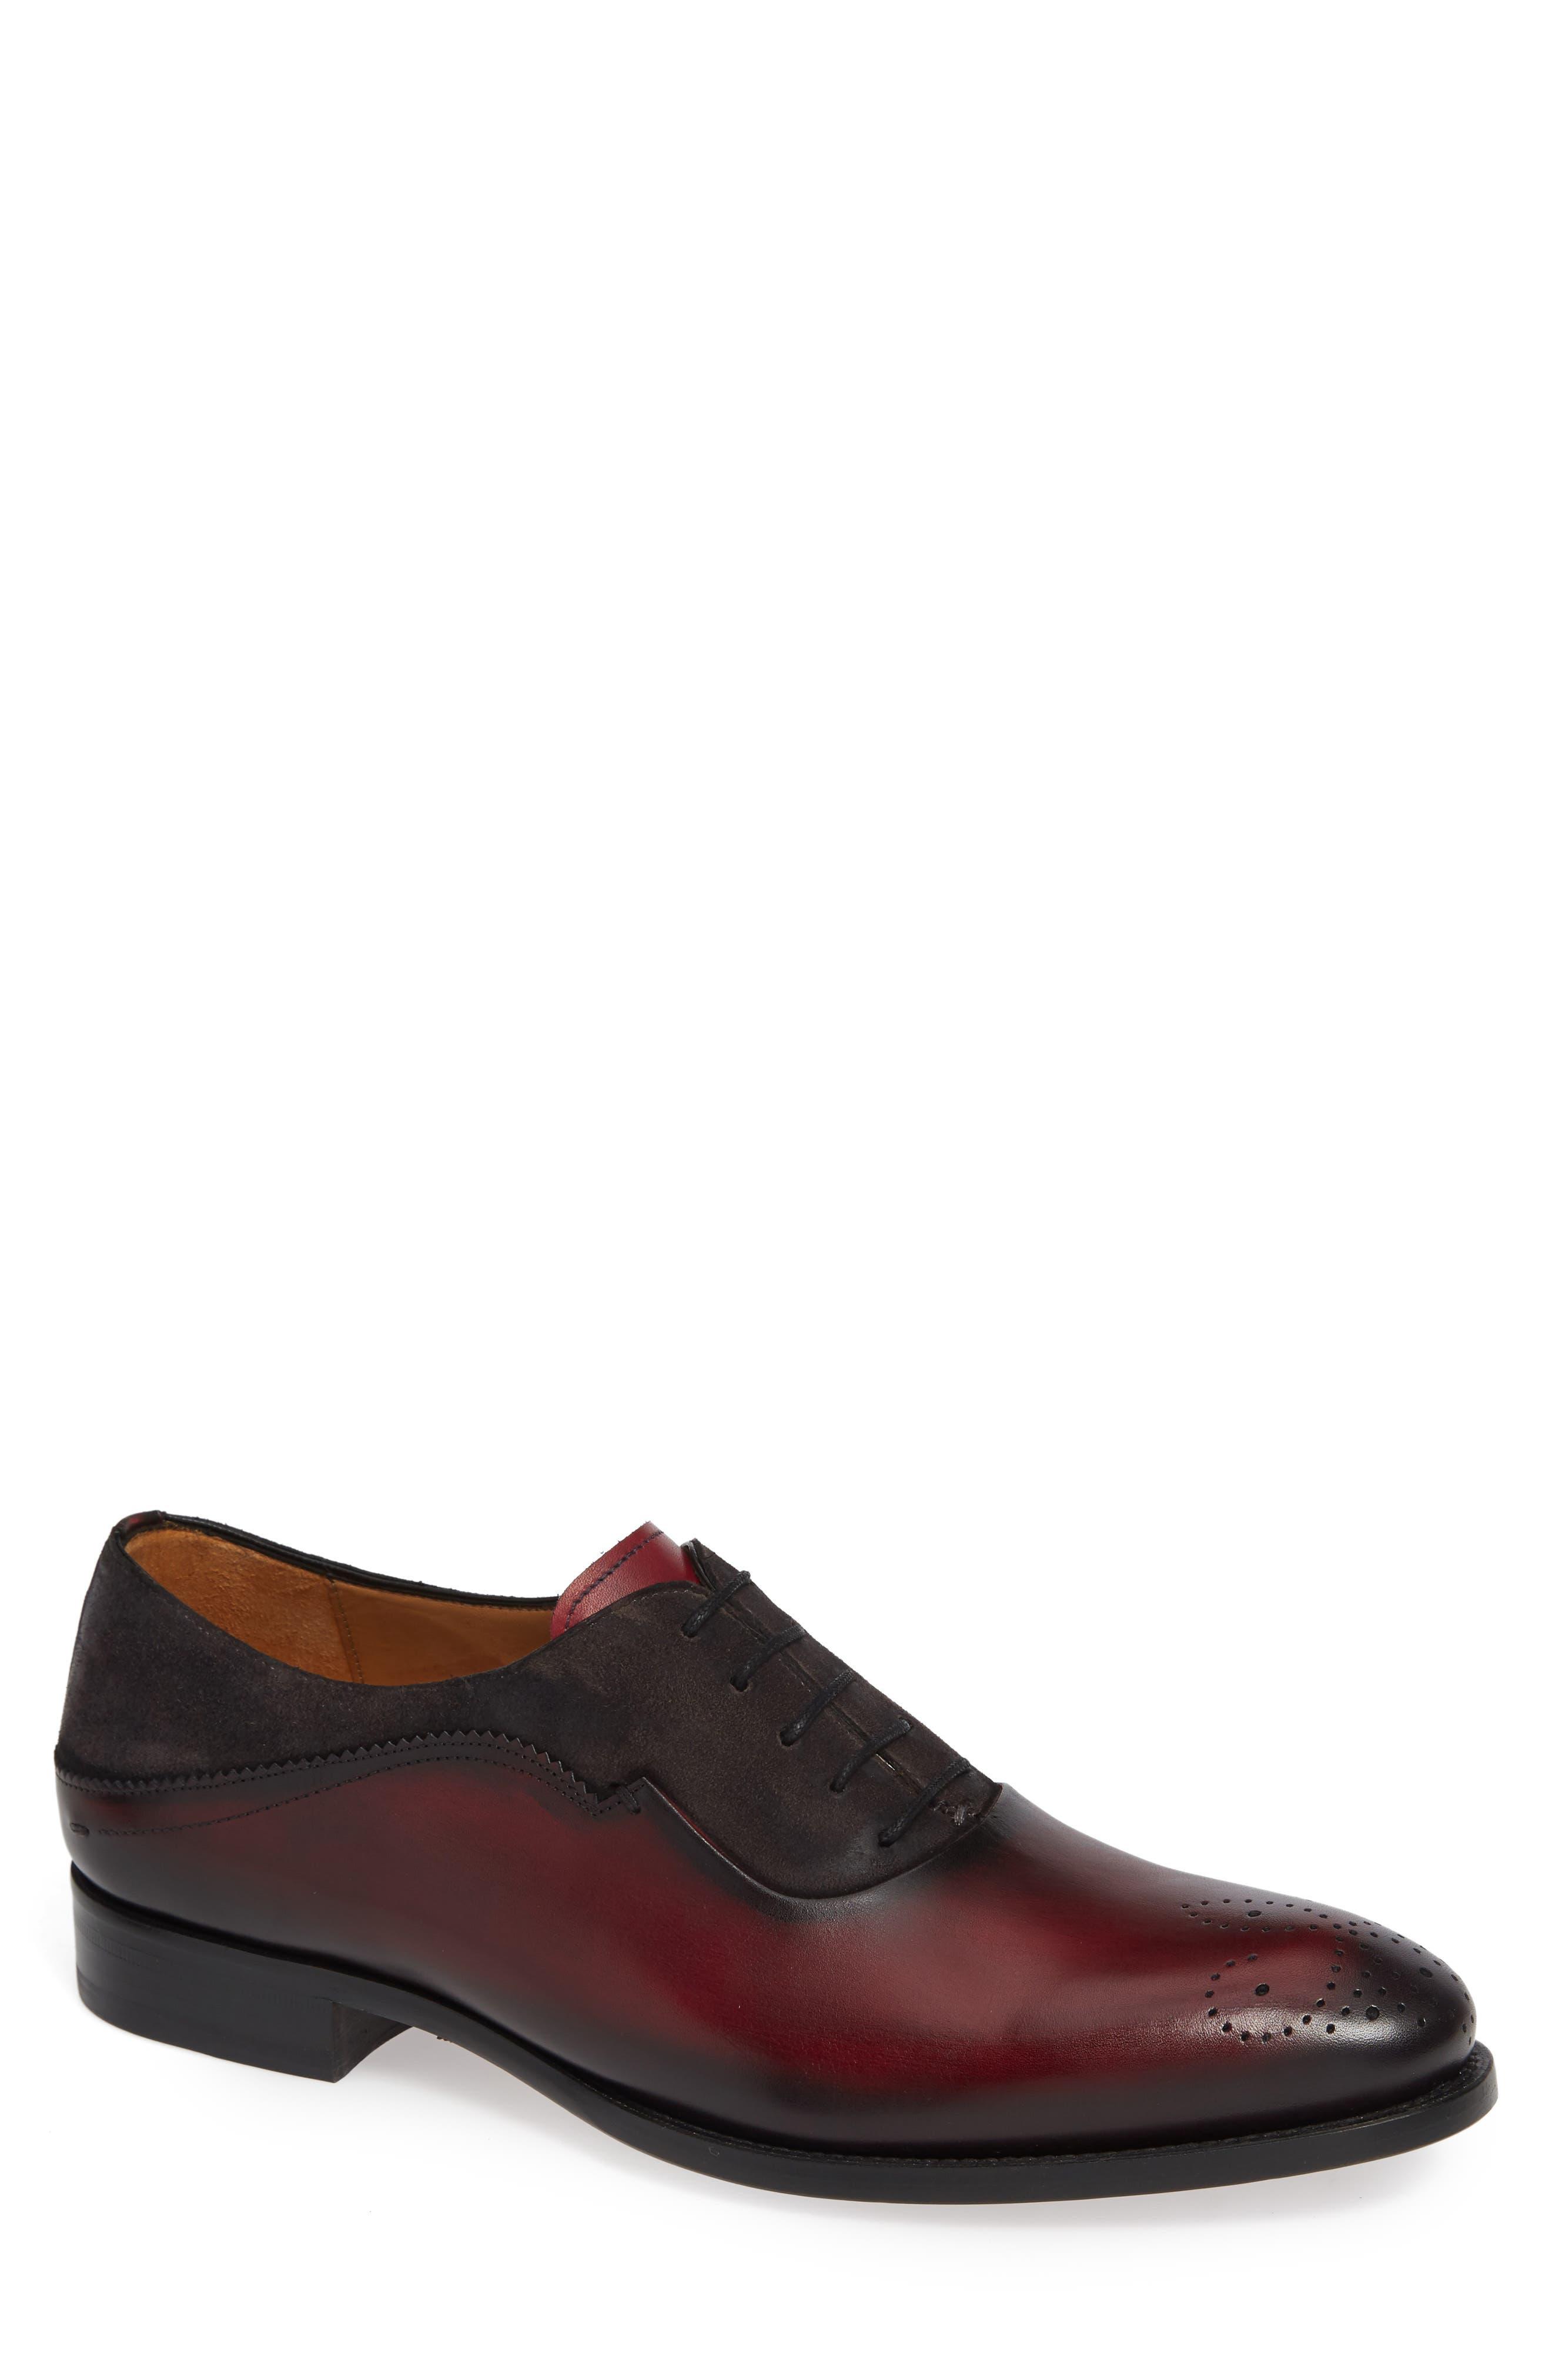 Mezlan Hanks Longwing Oxford- Red